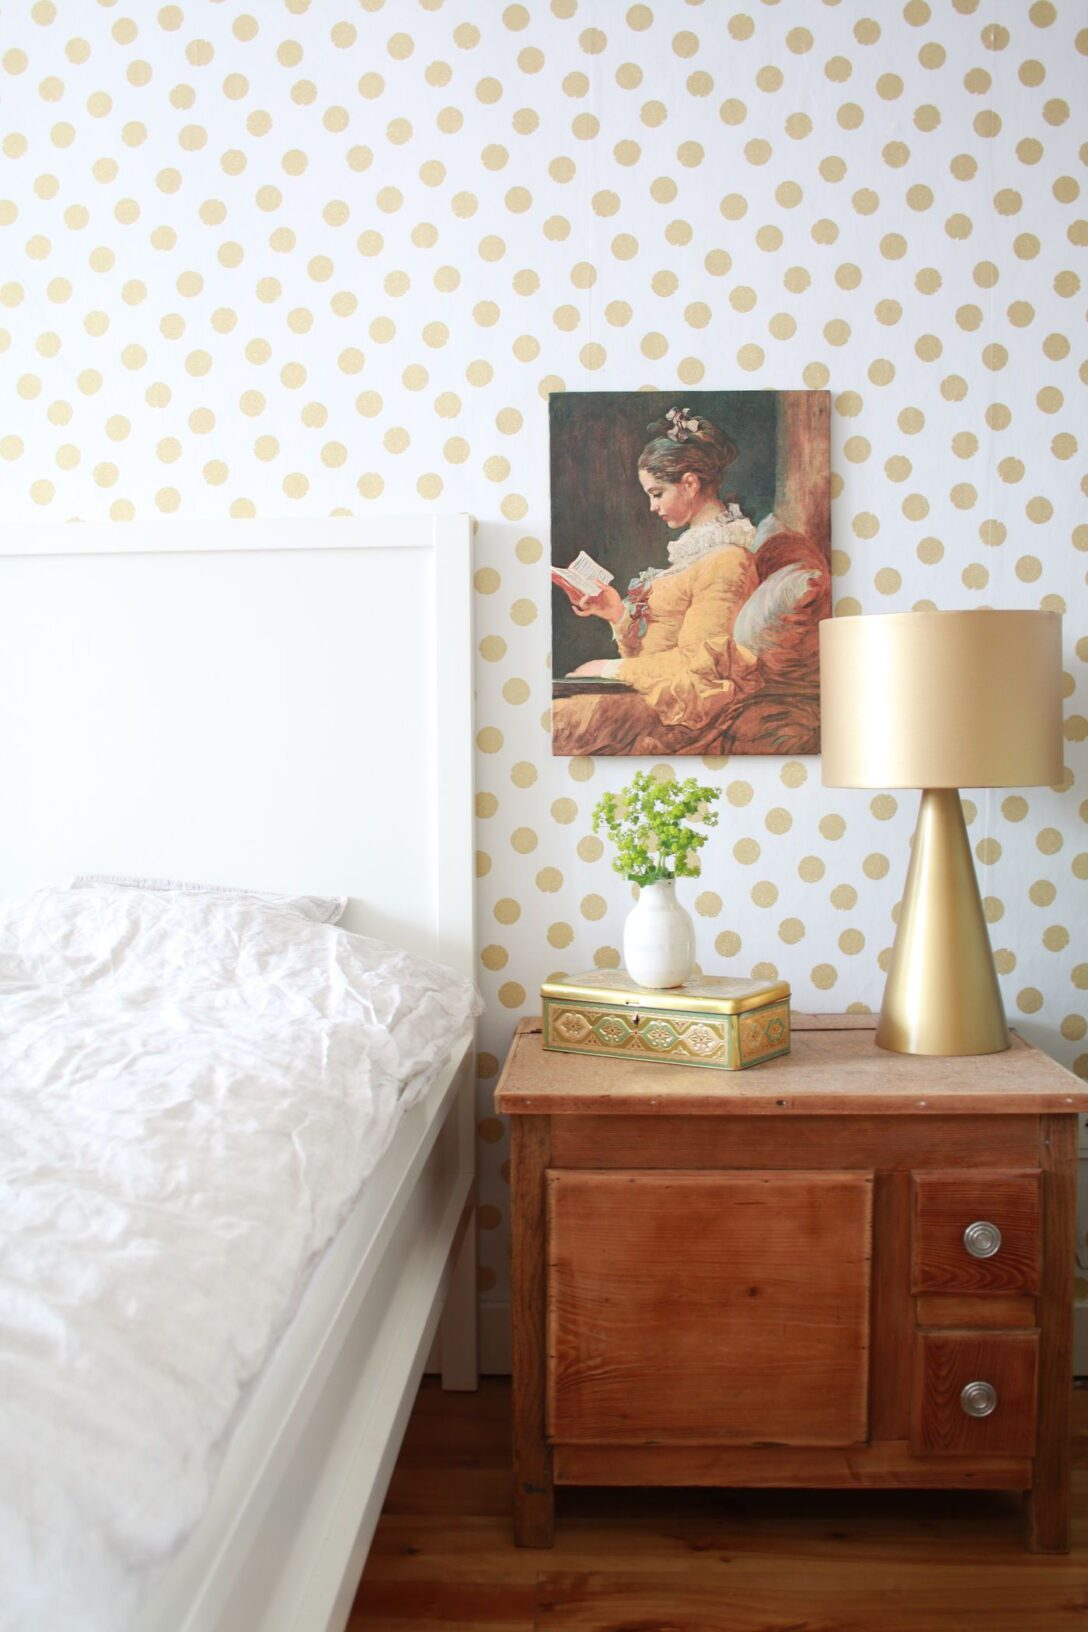 Large Size of Schnsten Ideen Mit Tapeten Landhausstil Wohnzimmer Küche Sofa Schlafzimmer Bad Regal Esstisch Boxspring Bett Weiß Wohnzimmer Küchentapete Landhausstil